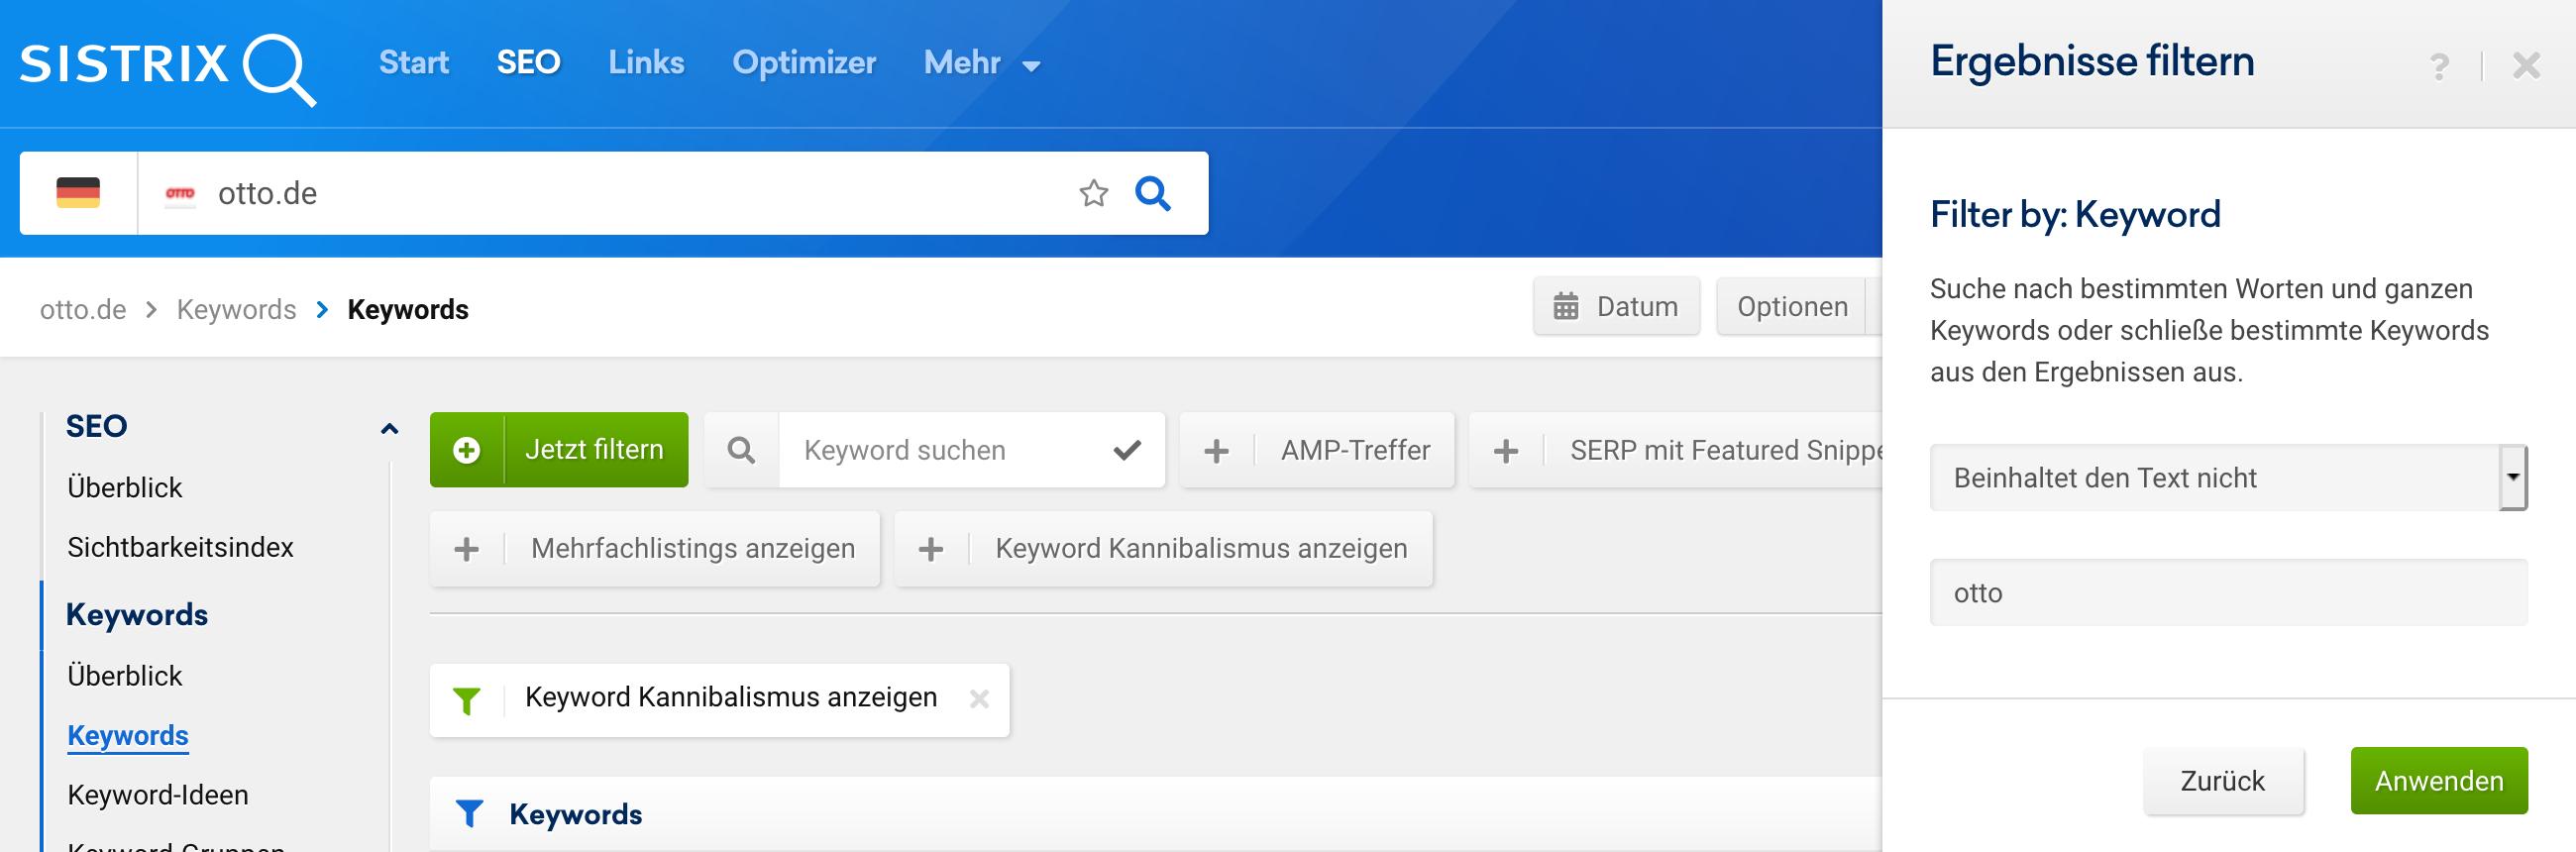 """Ansicht der """"Keywords""""-Funktion im SEO-Modul. Geöffnet ist das """"Ergebnisse filtern"""" Dialogmenü mit einem Filter für """"Keyword"""" bei dem die Ergebnissemenge mit dem Filter """"Beinhaltet den Text nicht: otto"""" eingeschränkt werden soll um den Brandnamen auszuschließen."""